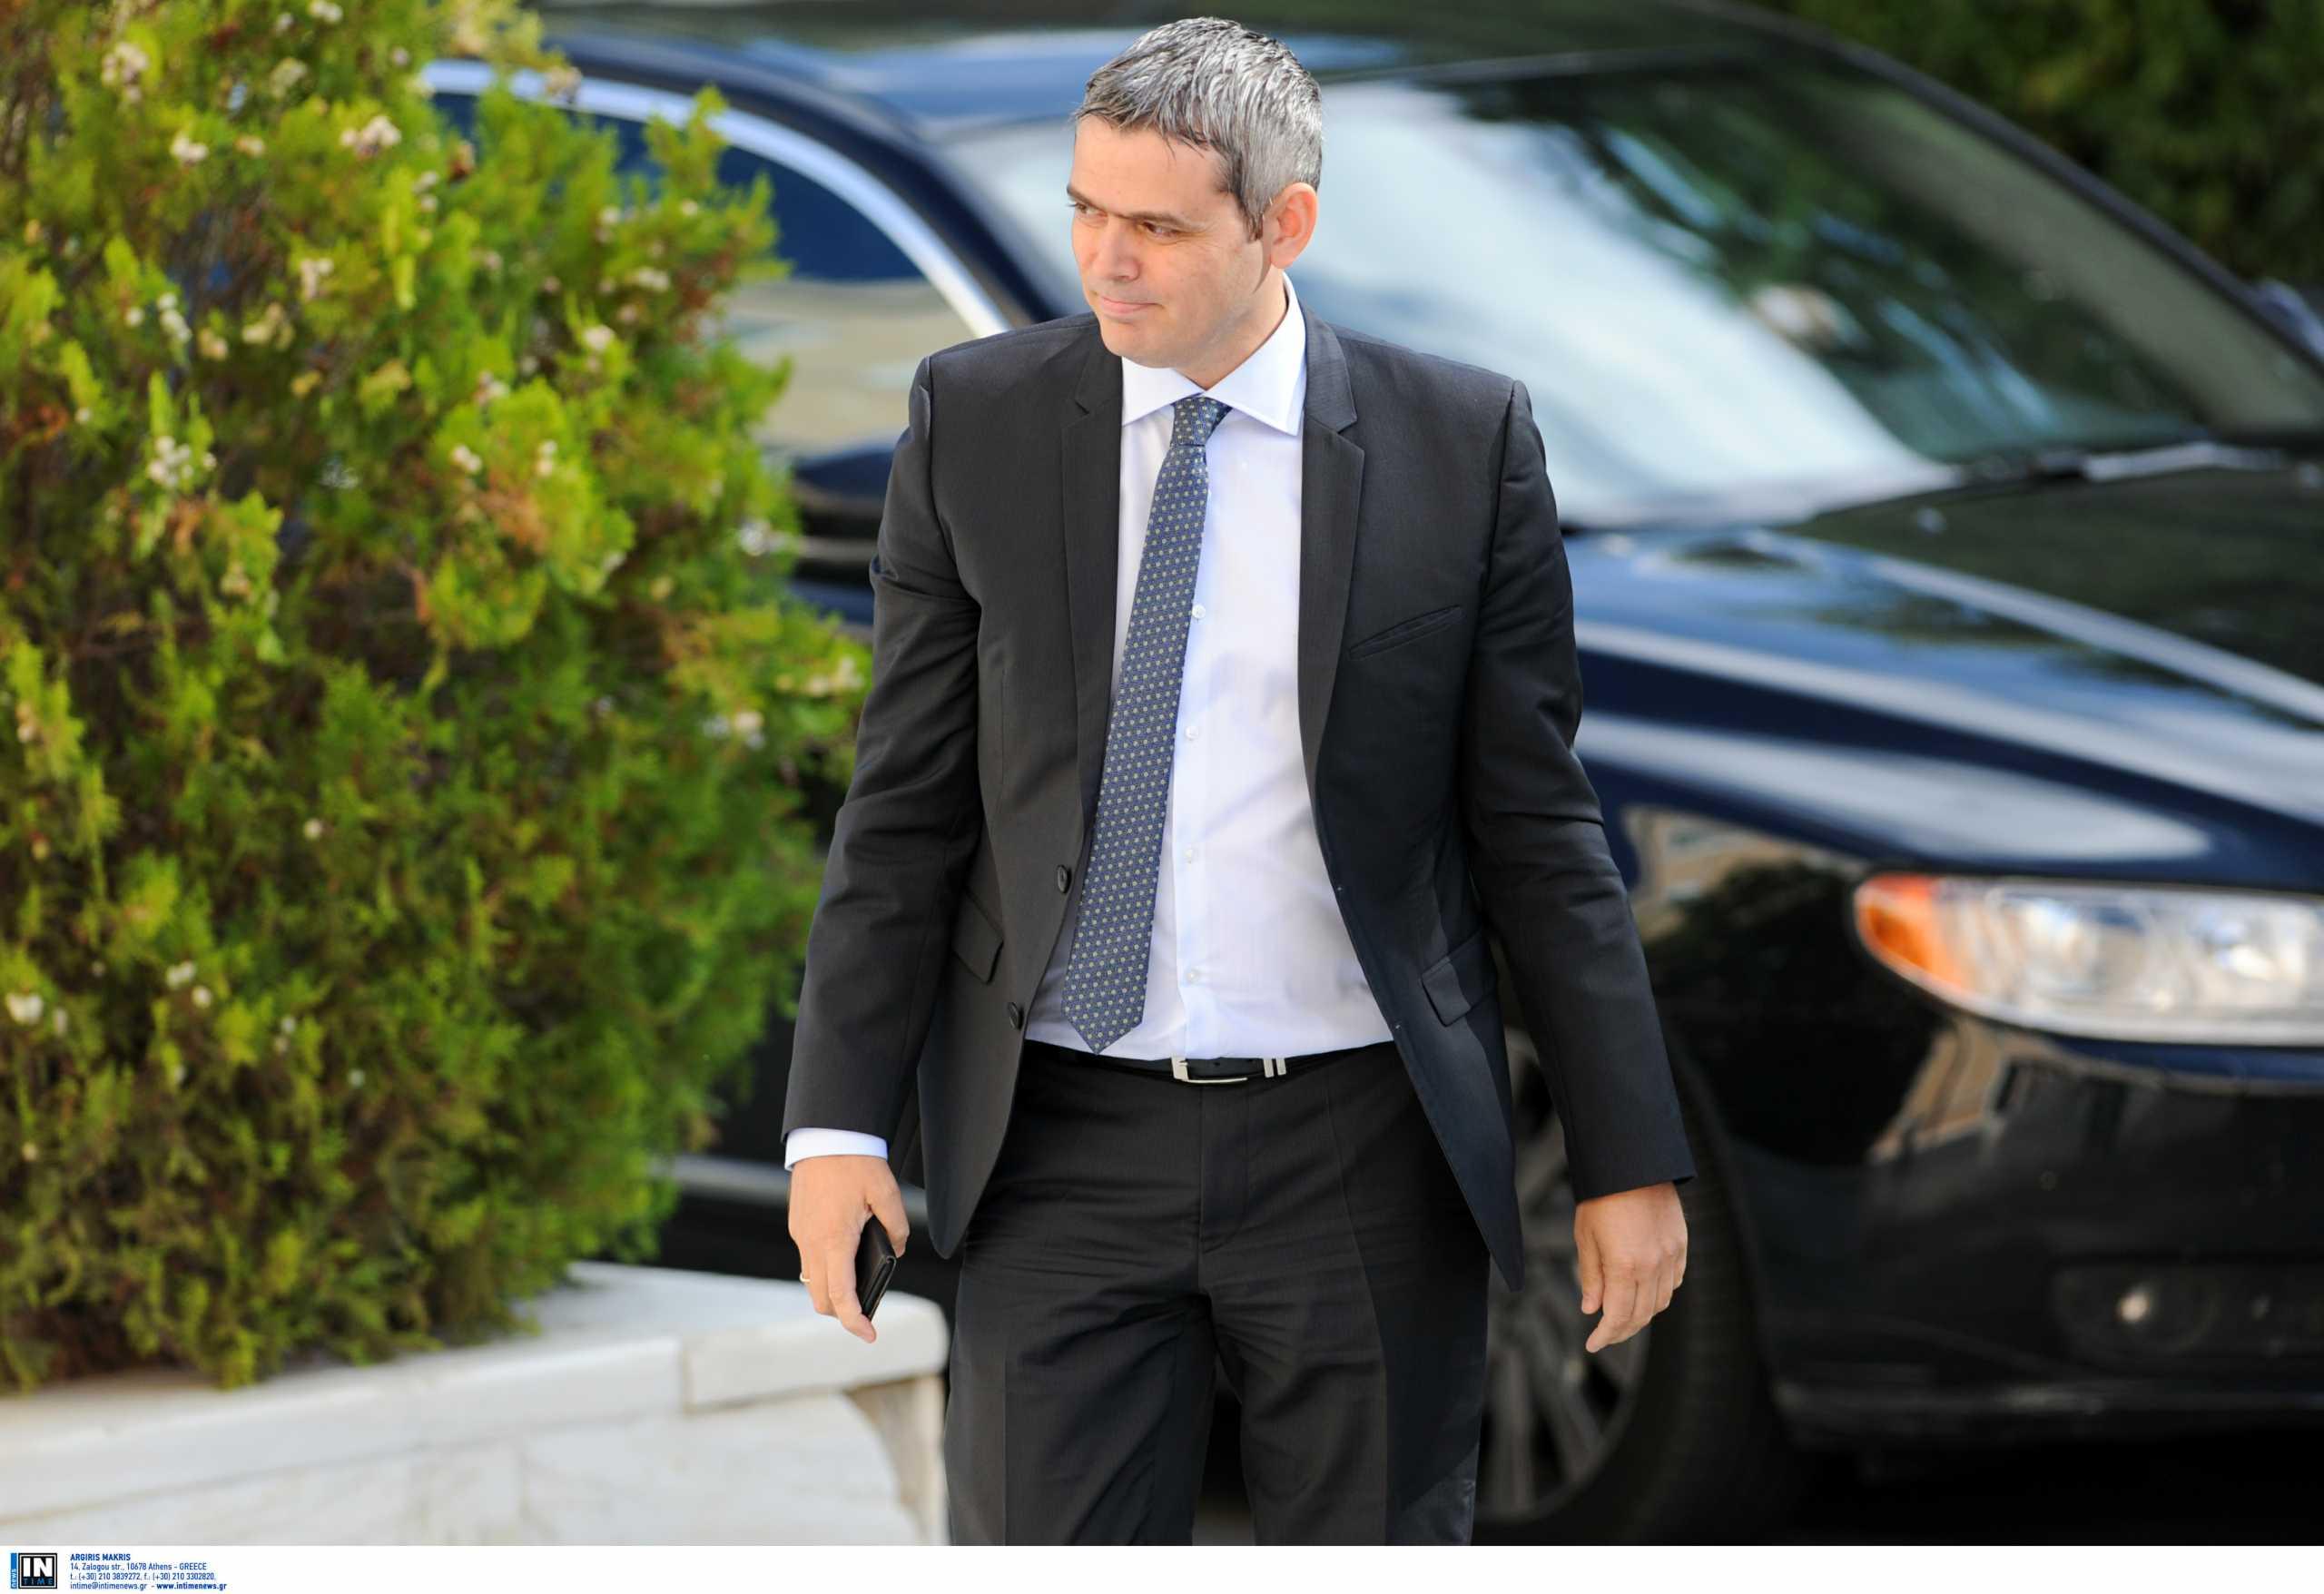 Κ. Καραγκούνης: Να αυστηροποιηθούν οι ποινές για ειδεχθή εγκλήματα